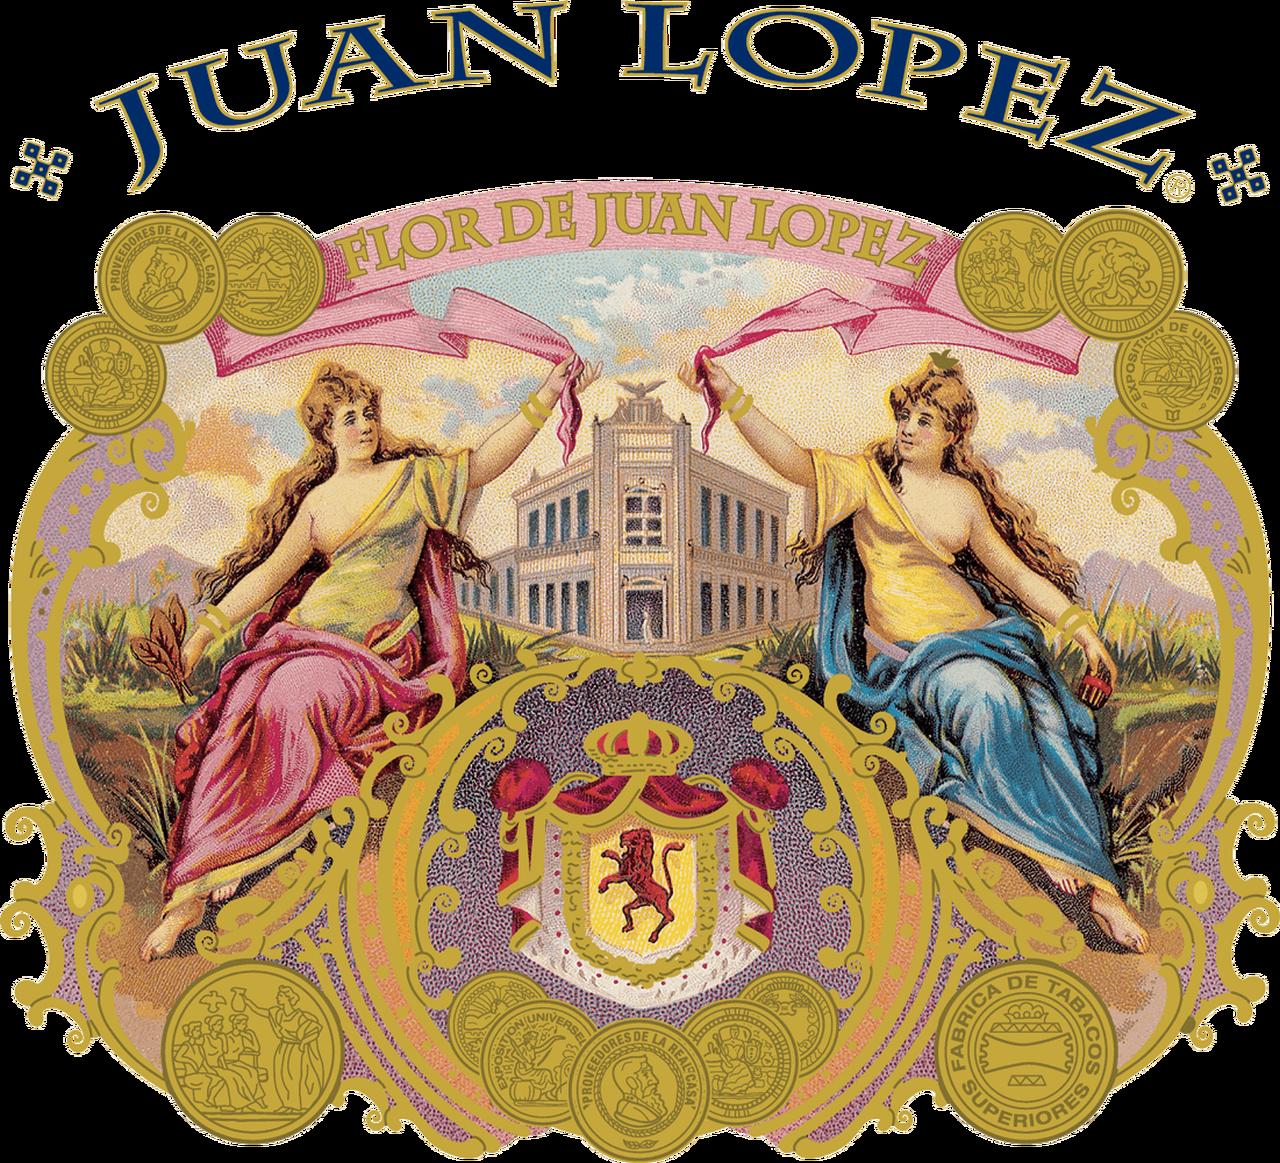 juan_lopez_seleccion_no_1_szivarok_tesztelese_az_elso_magyar_szivarklubban_2.png